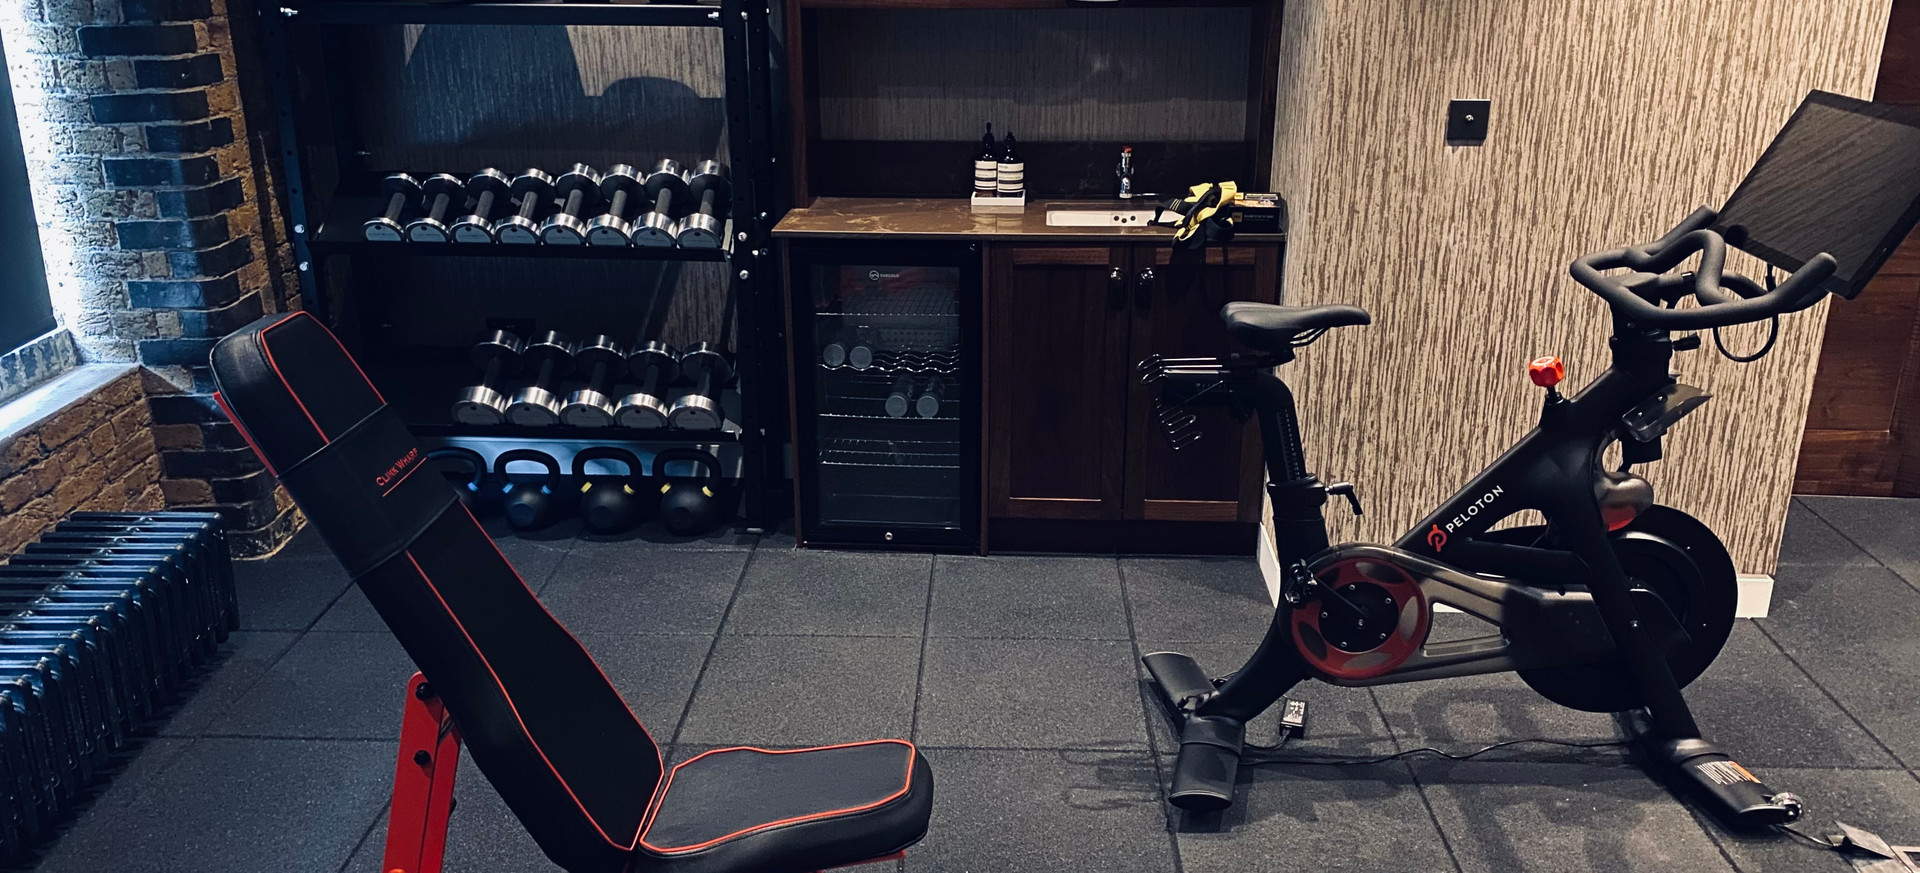 LIFTD - Home Gym